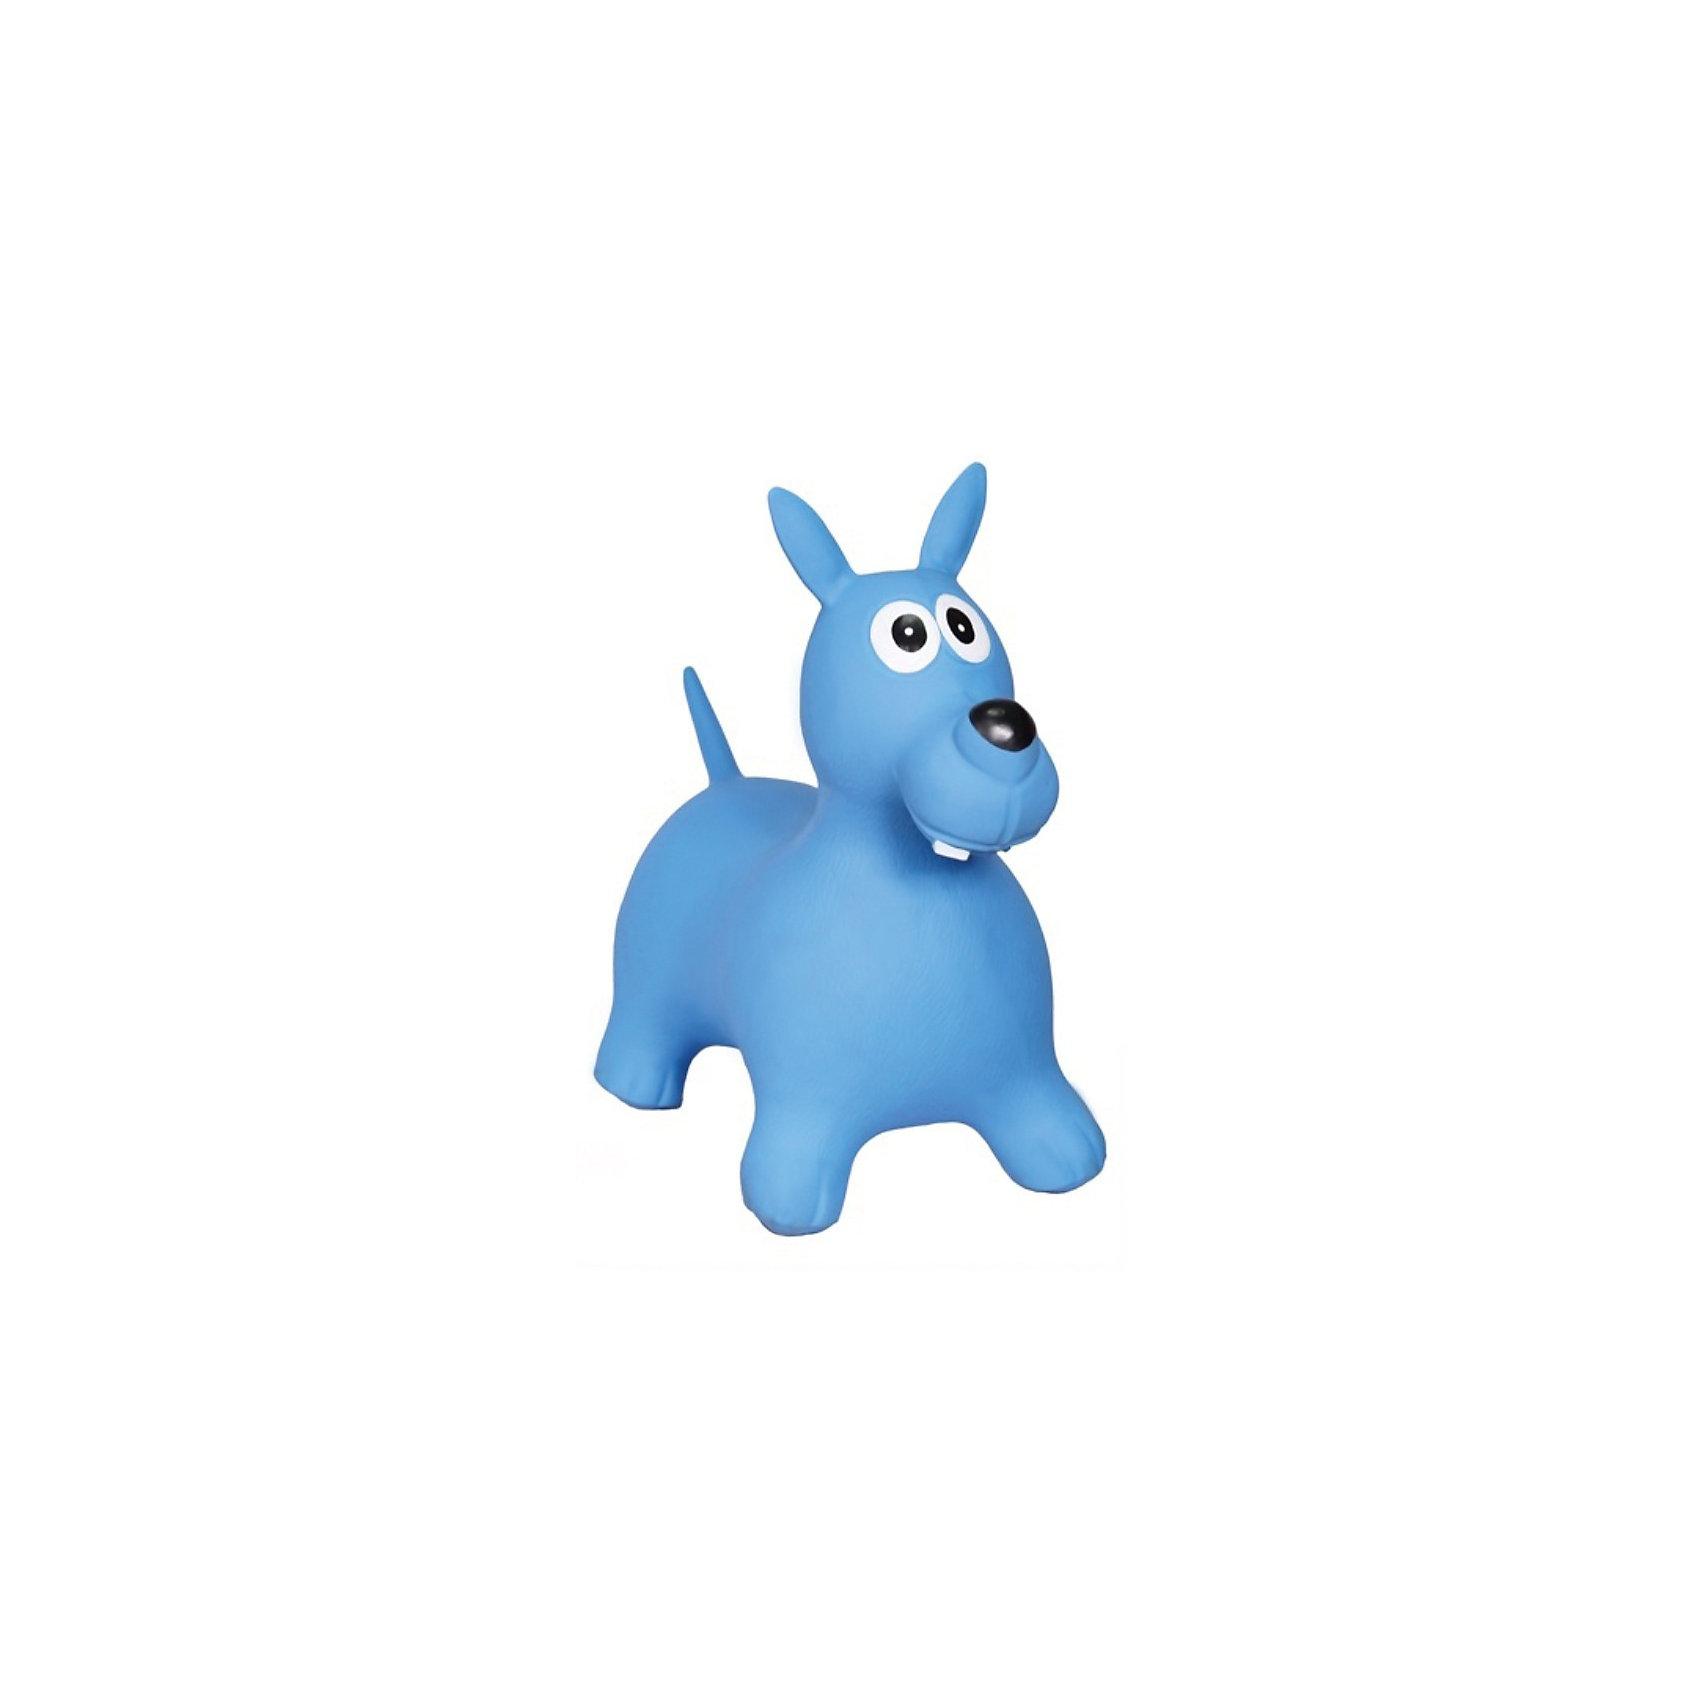 Прыгун Пёс, большой, ALTACTOОртопедическая игрушка укрепляет скелет и мышцы ребёнка, развивает координацию и служит источником множества веселых игр. Прыгун сделан из безопасного материала, быстро надувается и сдувается.<br><br>Дополнительная информация:<br><br>- Материал: нетоксичный латекс, резина и клеёнка<br>- Размер игрушки: 730 х 340 х 670 мм.<br>- Максимальная нагрузка: до 100 кг.<br>- Вес: 3000 г.<br>- Размеры упаковки: 350 х 190 х 290 мм<br><br>Прыгуна Пёс, большой, Altacto можно купить в нашем магазине.<br><br>Ширина мм: 350<br>Глубина мм: 190<br>Высота мм: 290<br>Вес г: 3000<br>Возраст от месяцев: 36<br>Возраст до месяцев: 72<br>Пол: Унисекс<br>Возраст: Детский<br>SKU: 3703444